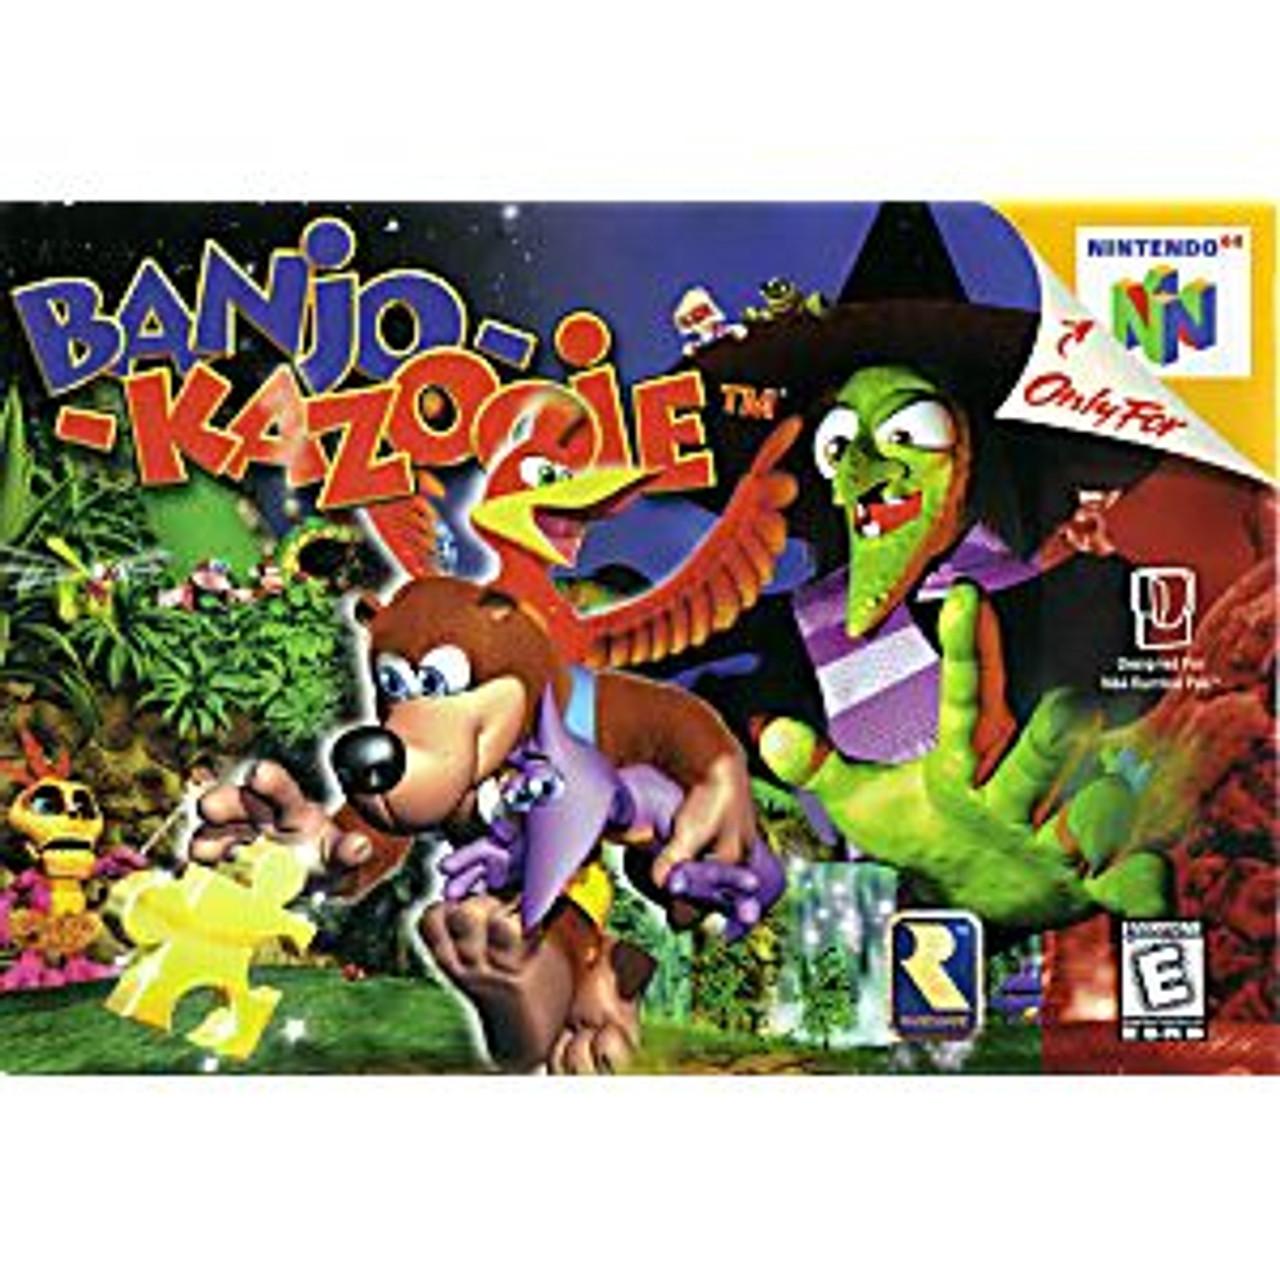 BANJO KAZOOIE - N64